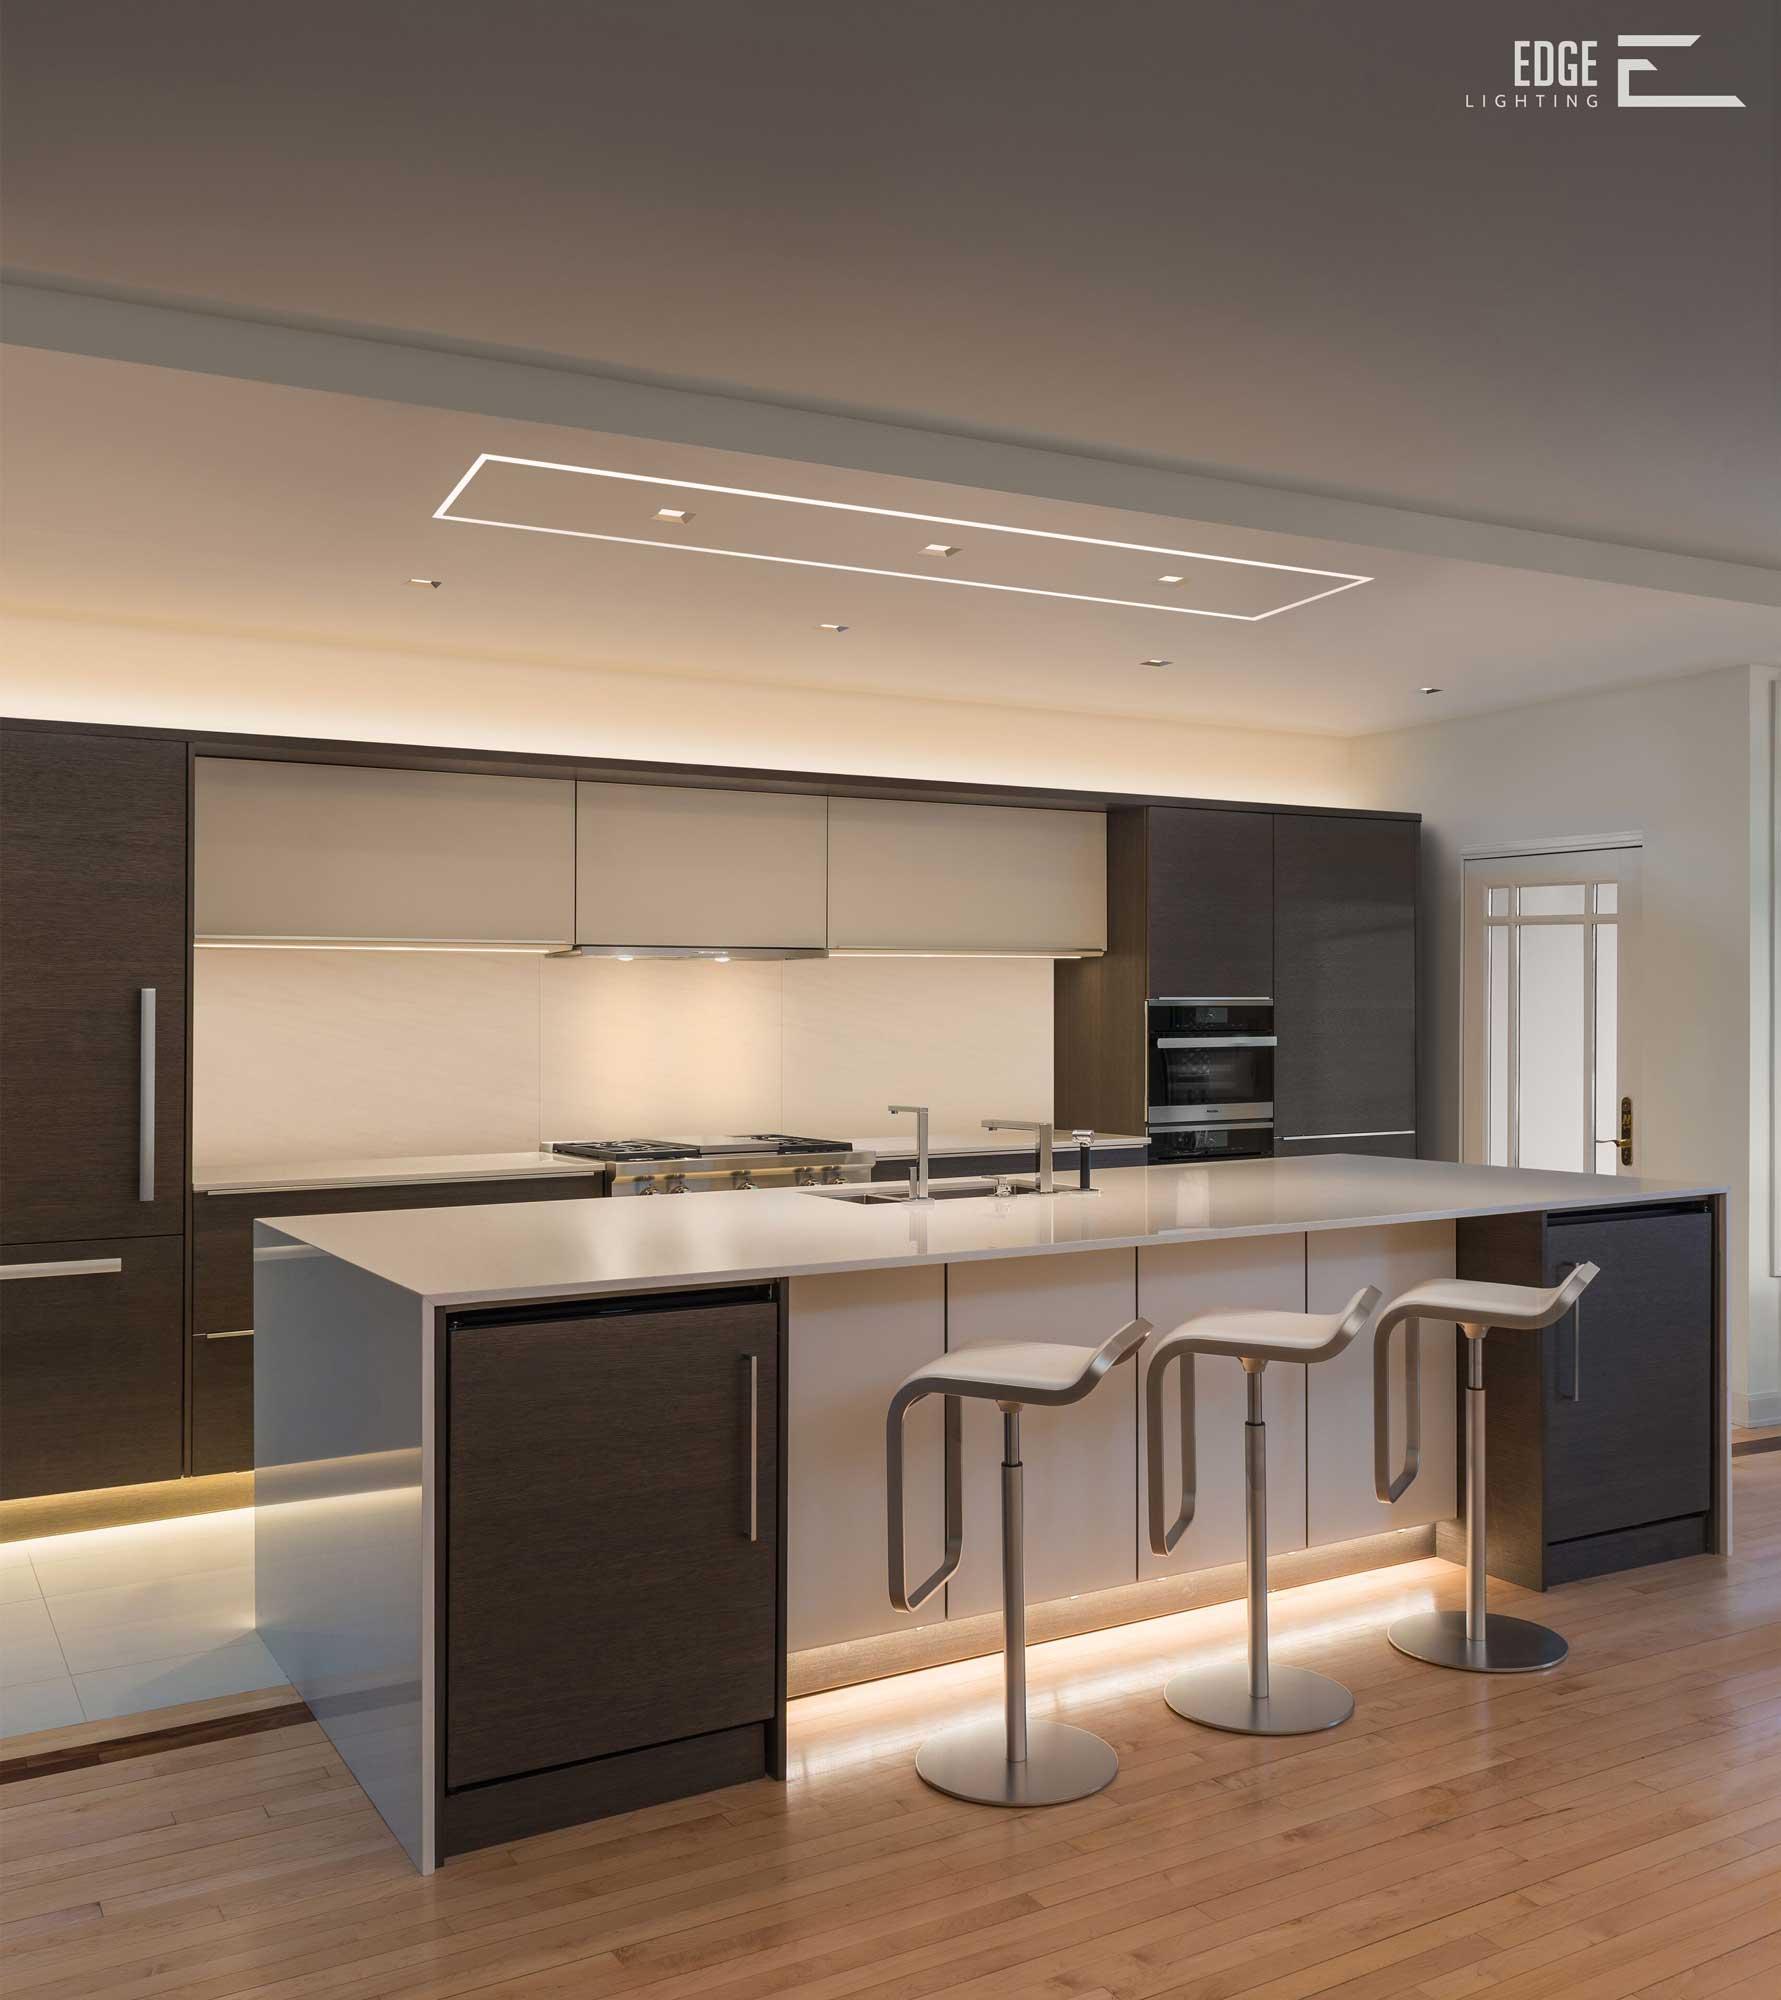 Kitchen Lighting Placement: Installation Gallery